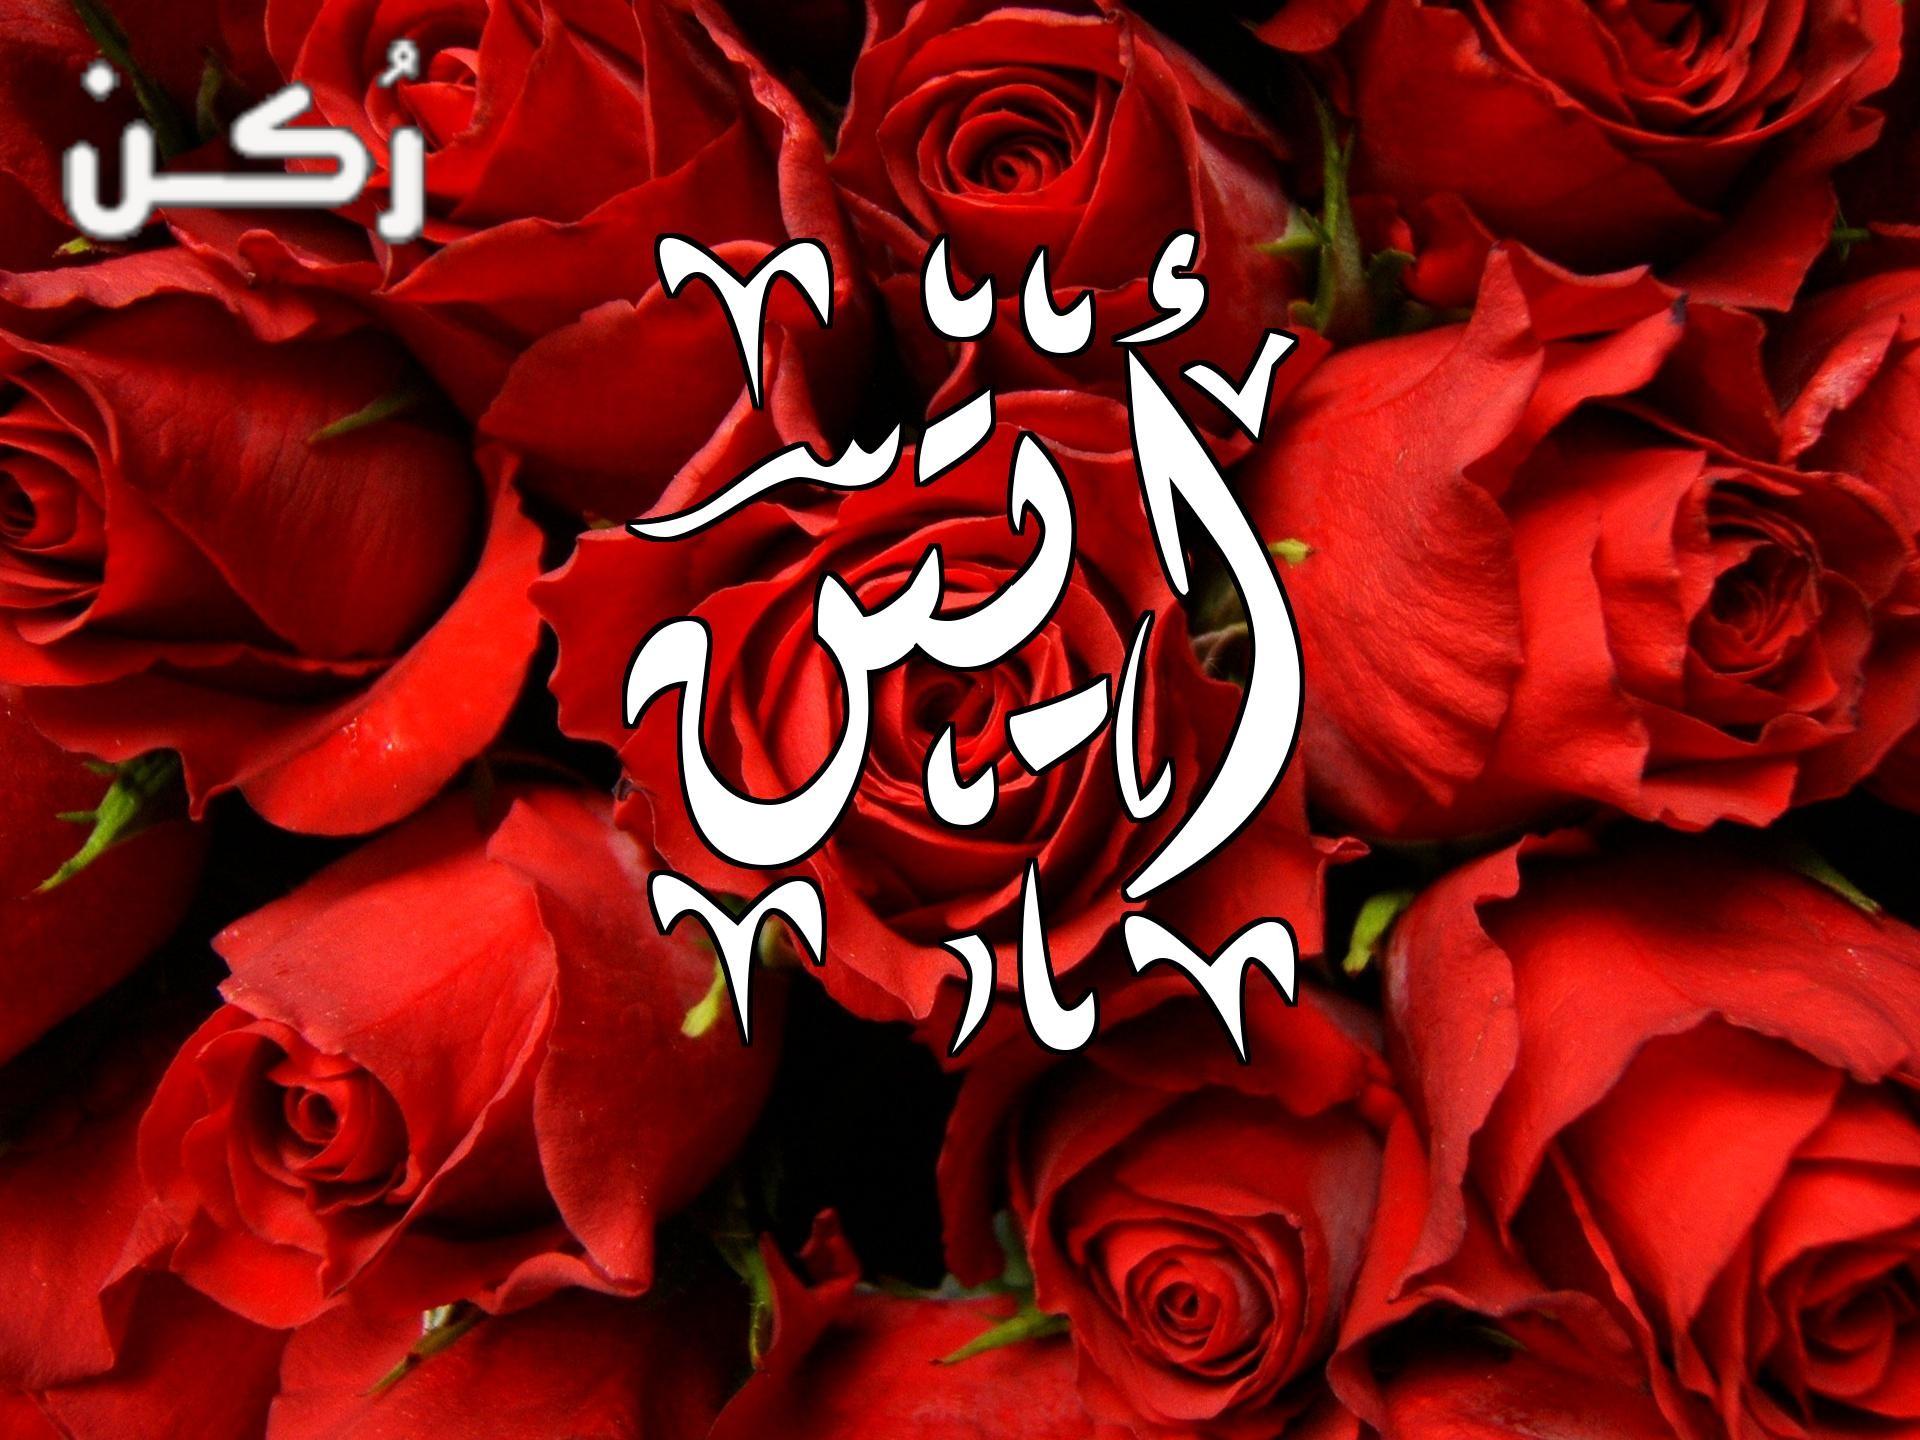 معنى اسم أيتن وحكم التسميه به في الإسلام